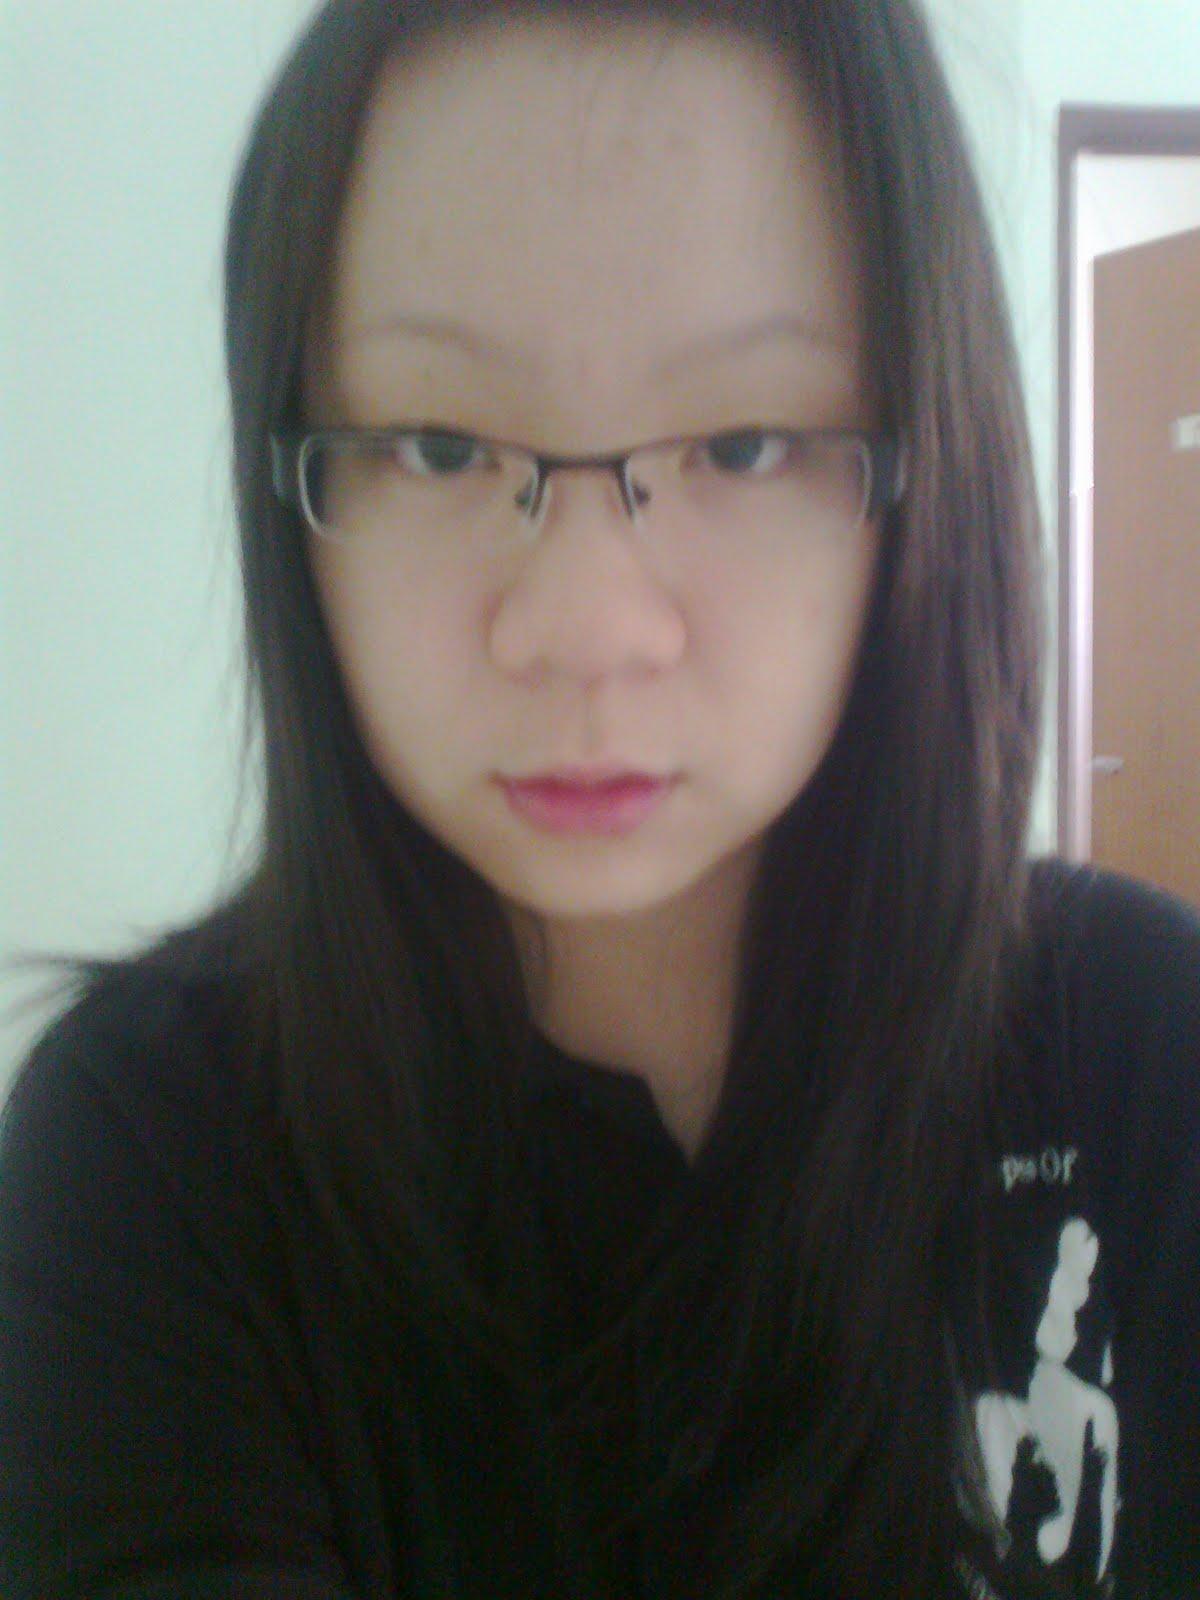 http://4.bp.blogspot.com/-yHAX4kzqkb4/TctISaWVS2I/AAAAAAAAAxA/n51YFyf_z1g/s1600/Photo0087.jpg